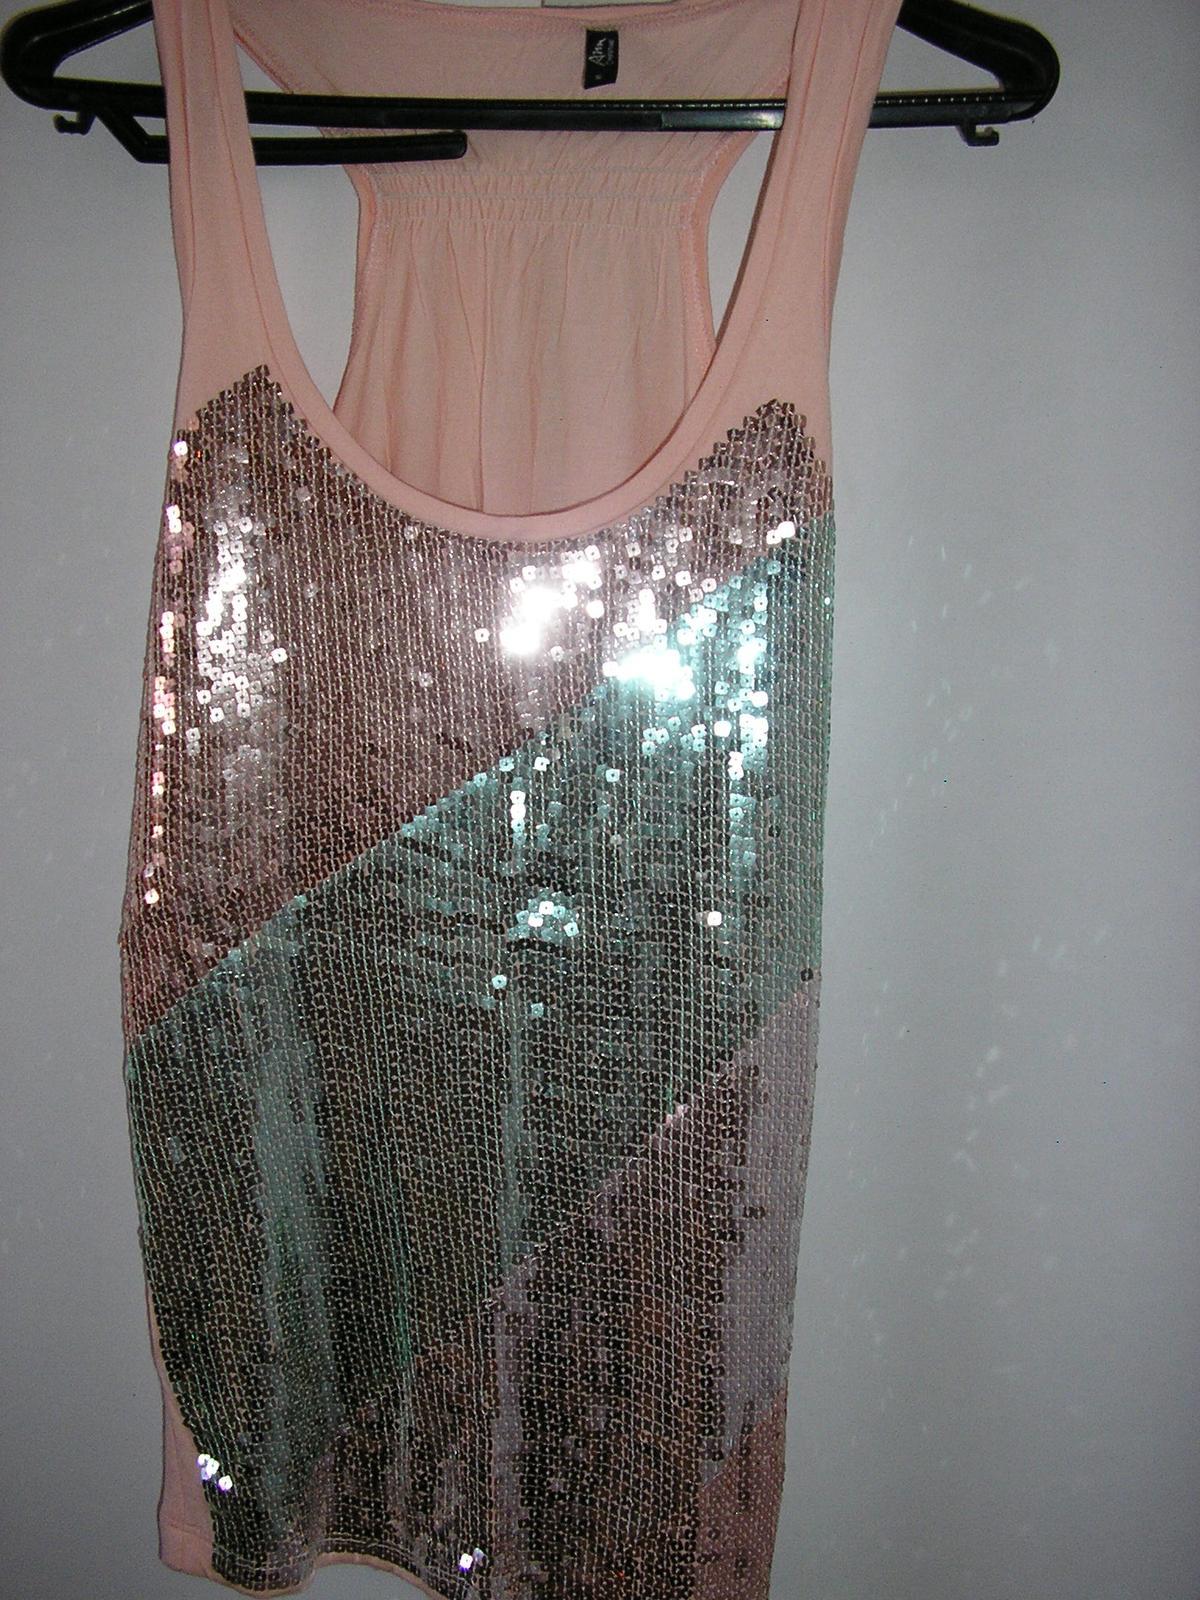 379. Ružové tričko s flitr.Anu Christine  - Obrázok č. 1